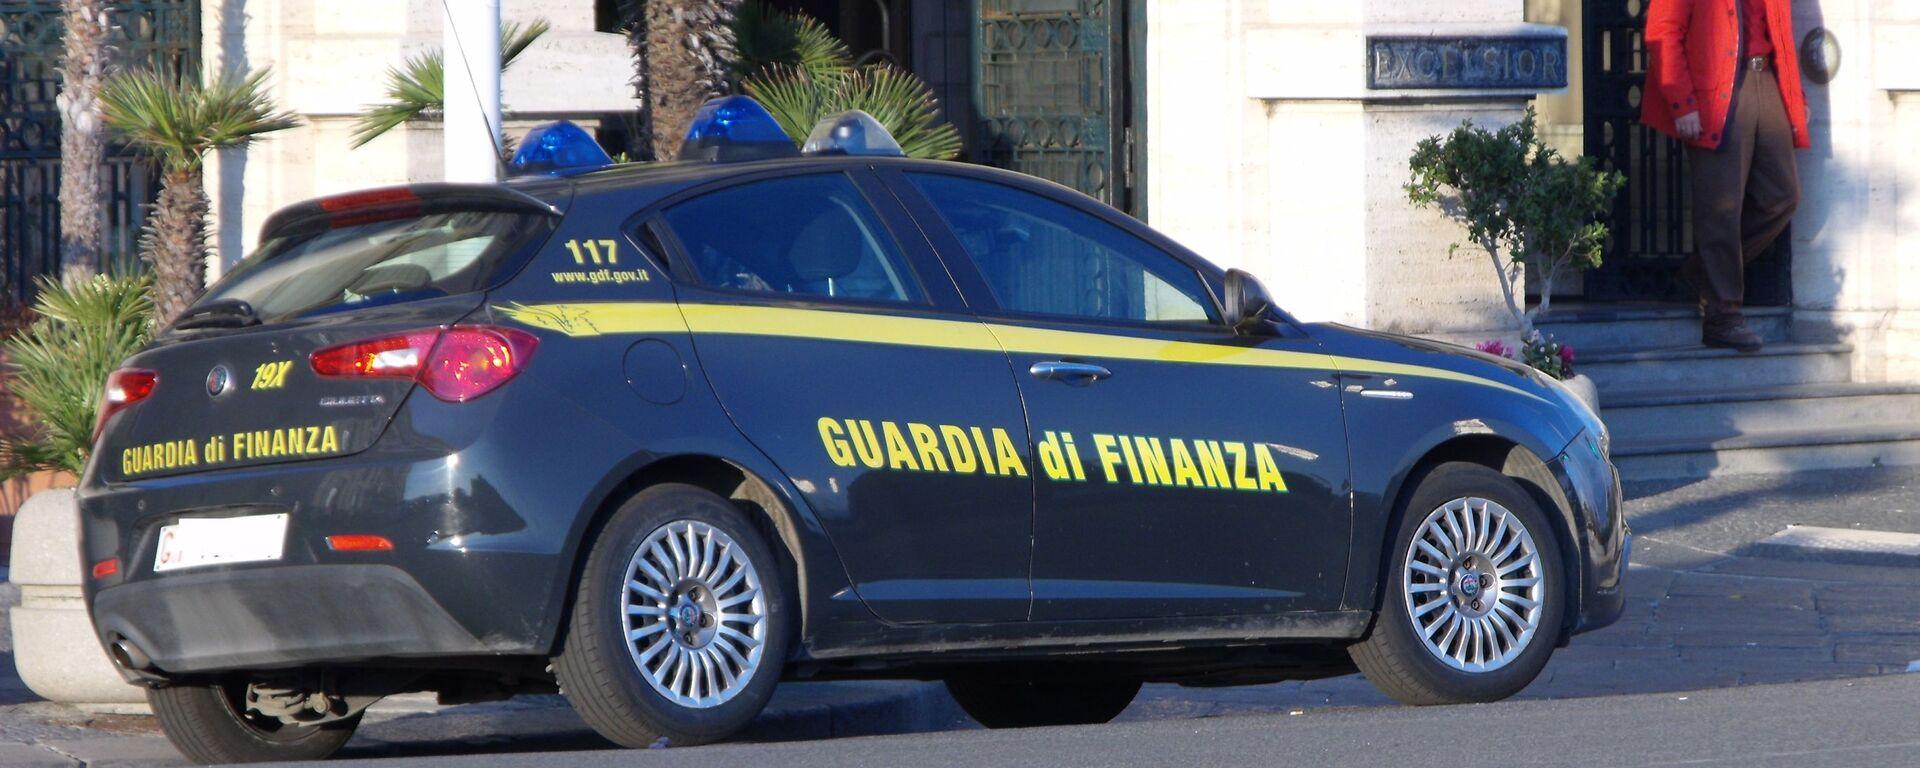 Auto della guardia di finanza - Sputnik Italia, 1920, 08.09.2021